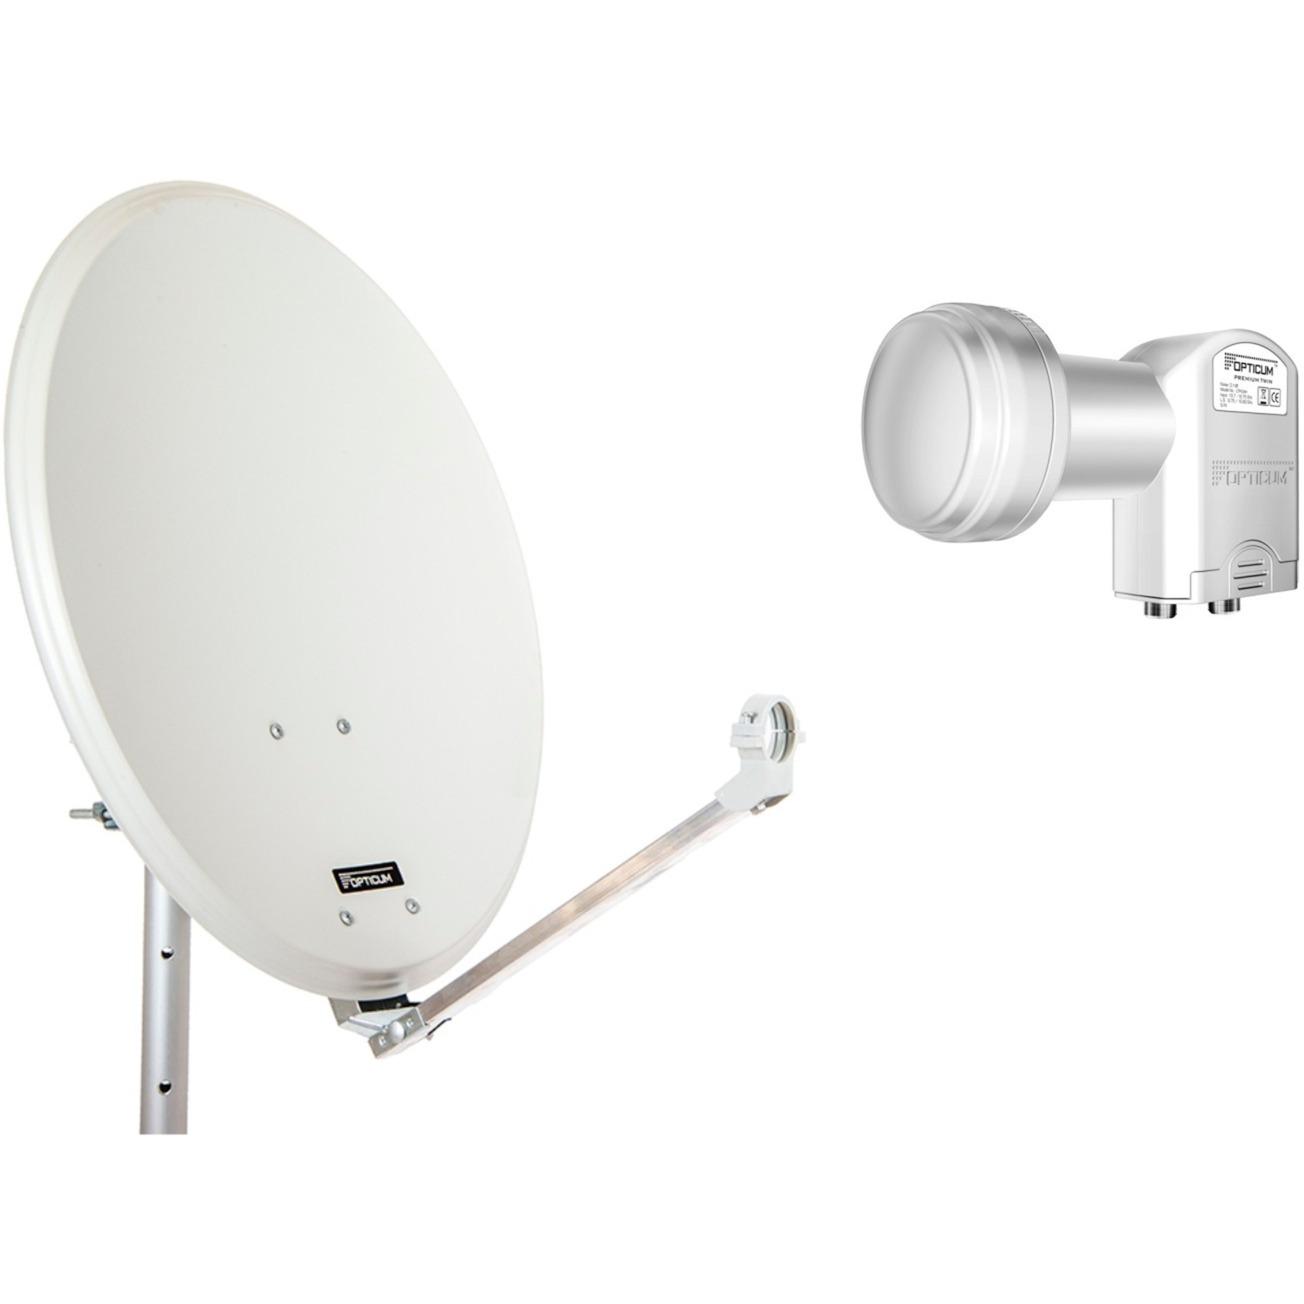 9125, Antena parabólica